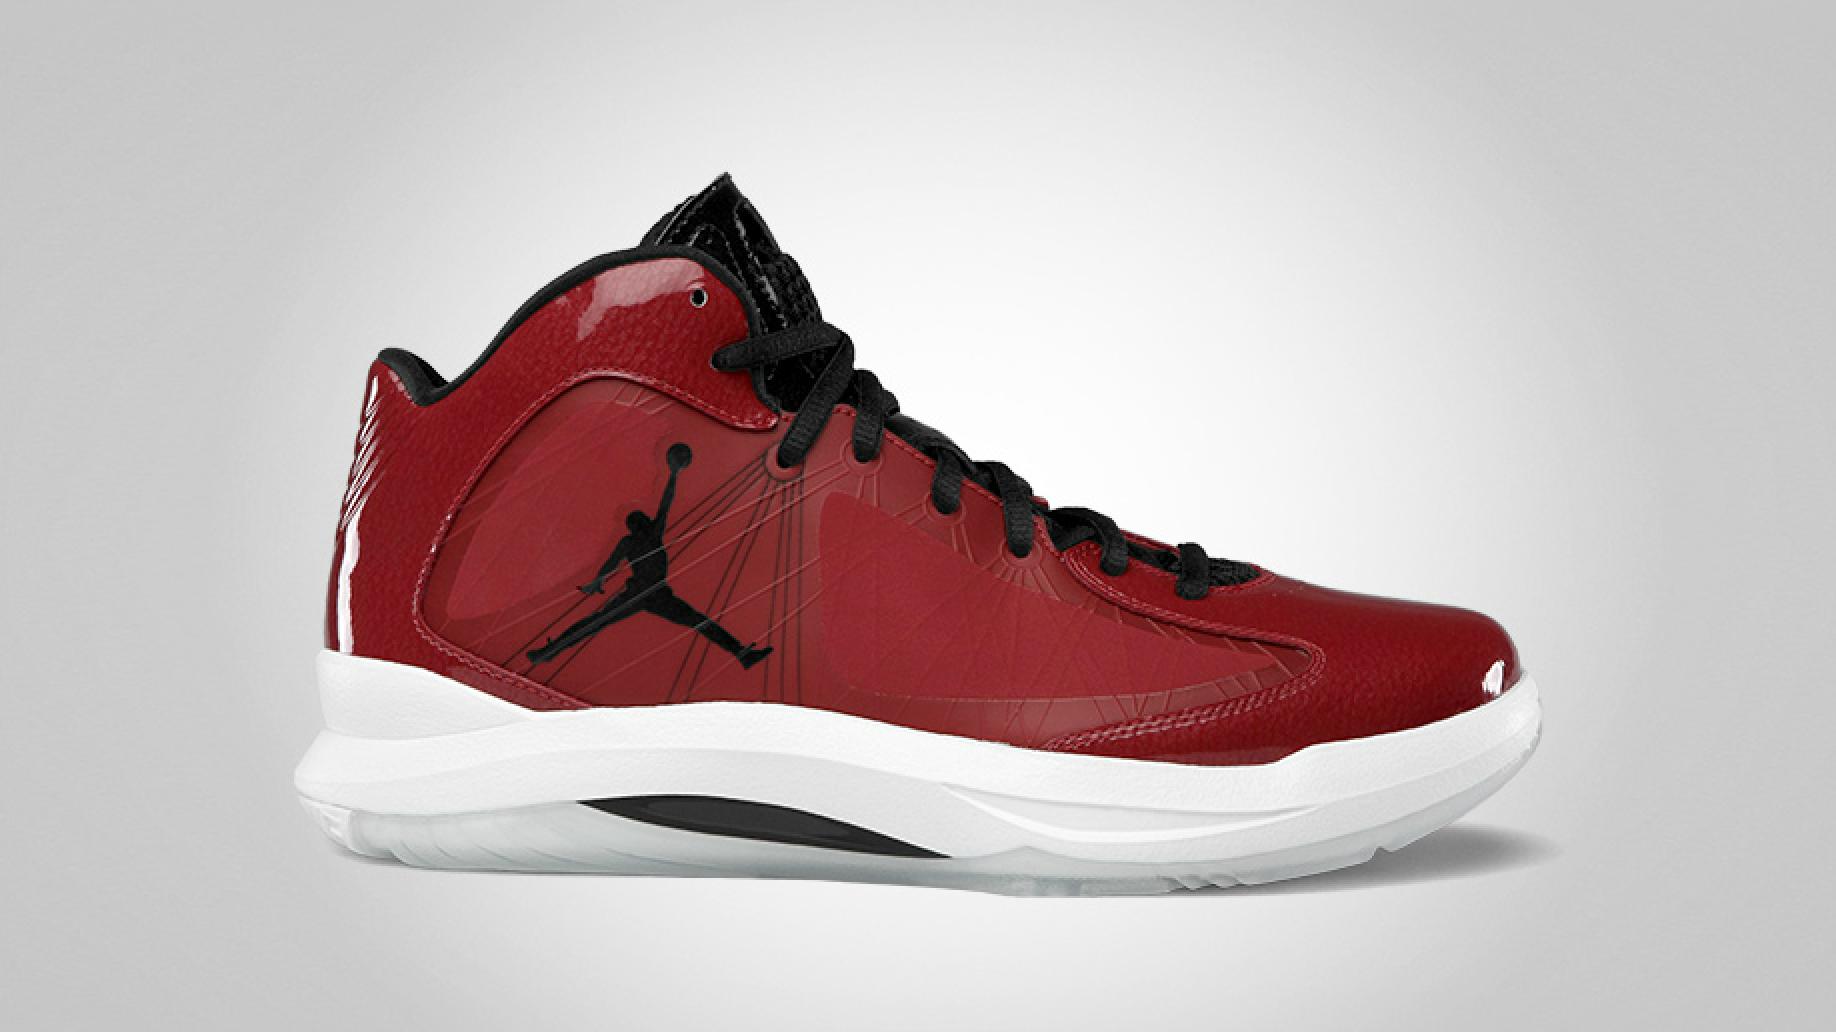 Jordan Aero Flight 'Gym Red/Black-White'